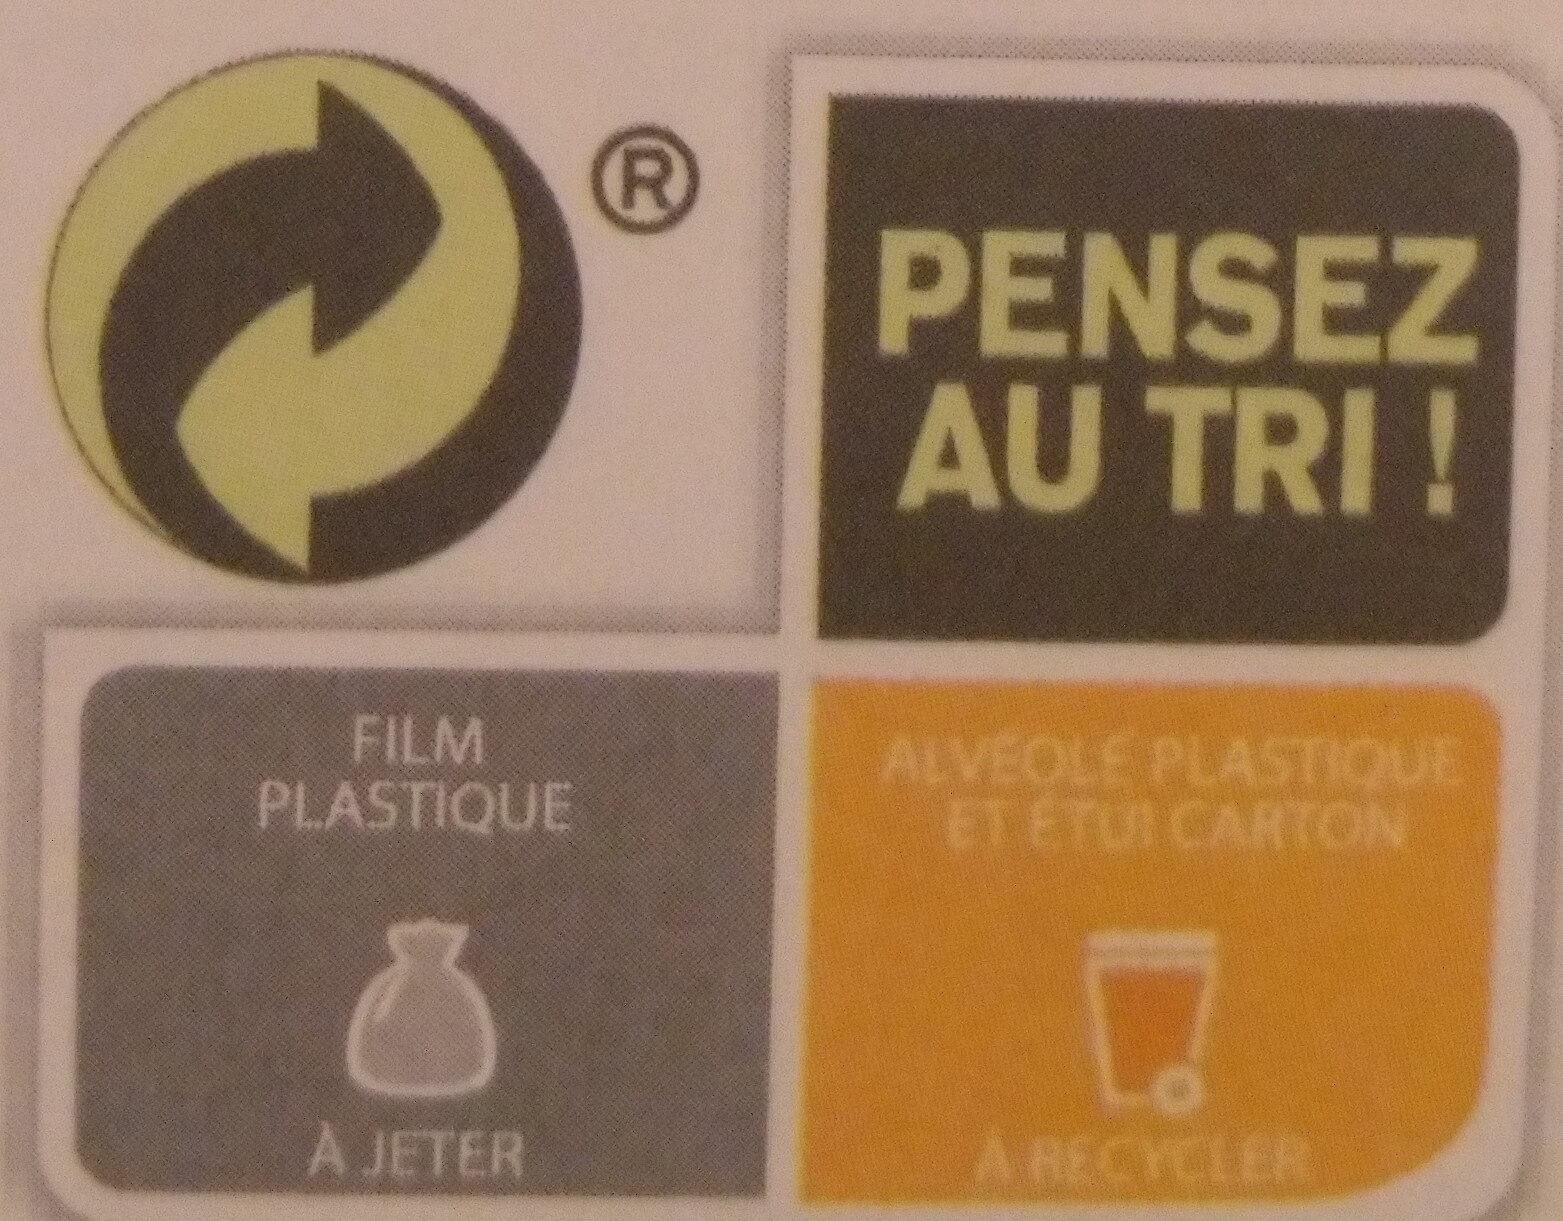 Pâtes de fruits - Instruction de recyclage et/ou informations d'emballage - fr